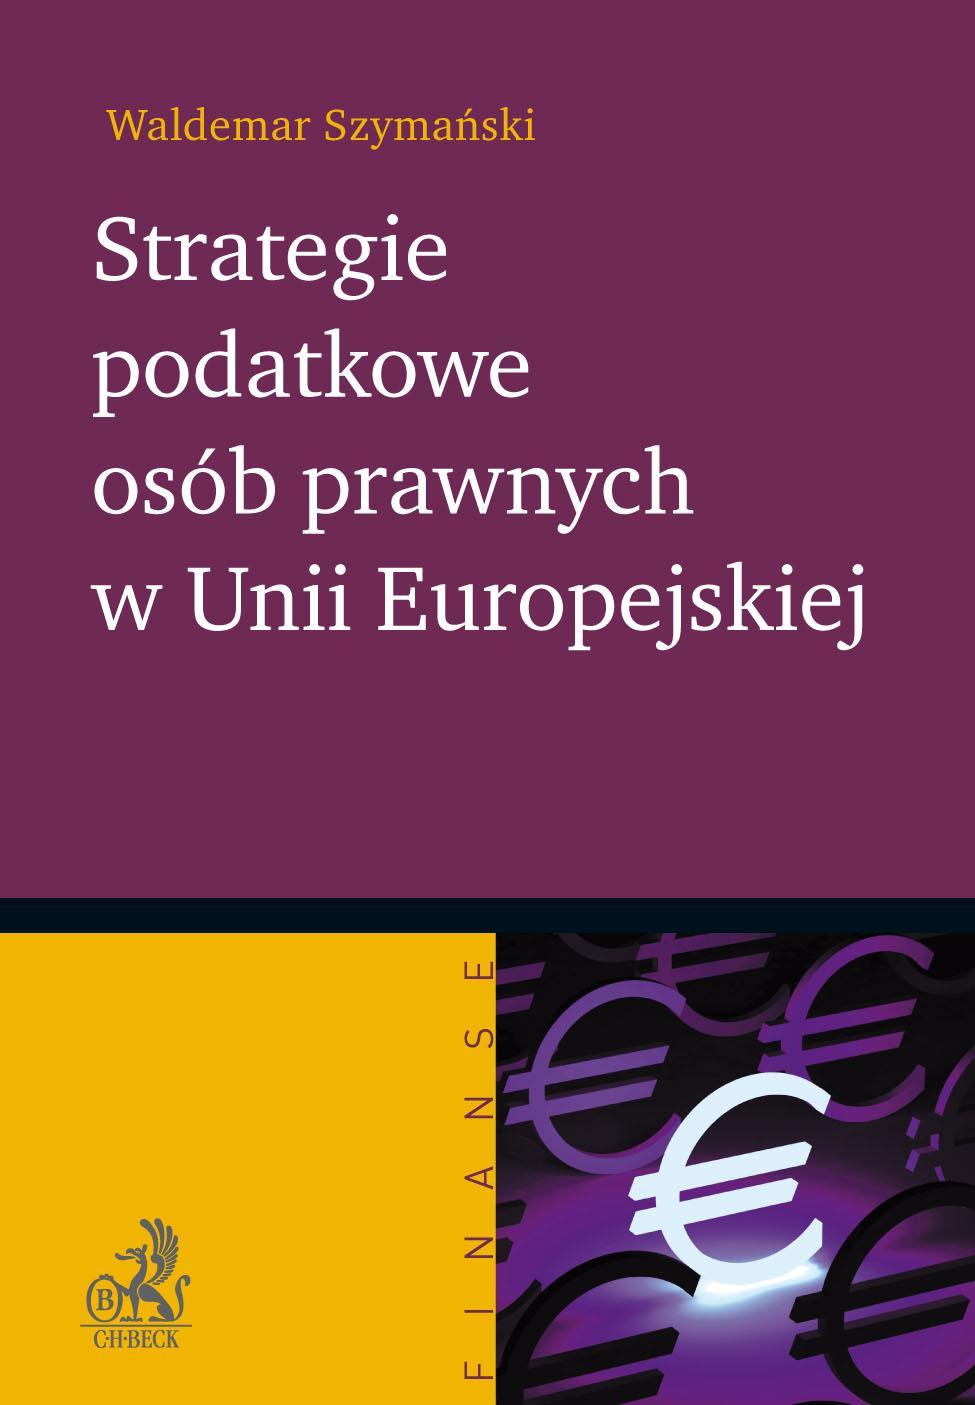 Strategie podatkowe osób prawnych w Unii Europejskiej - Ebook (Książka PDF) do pobrania w formacie PDF